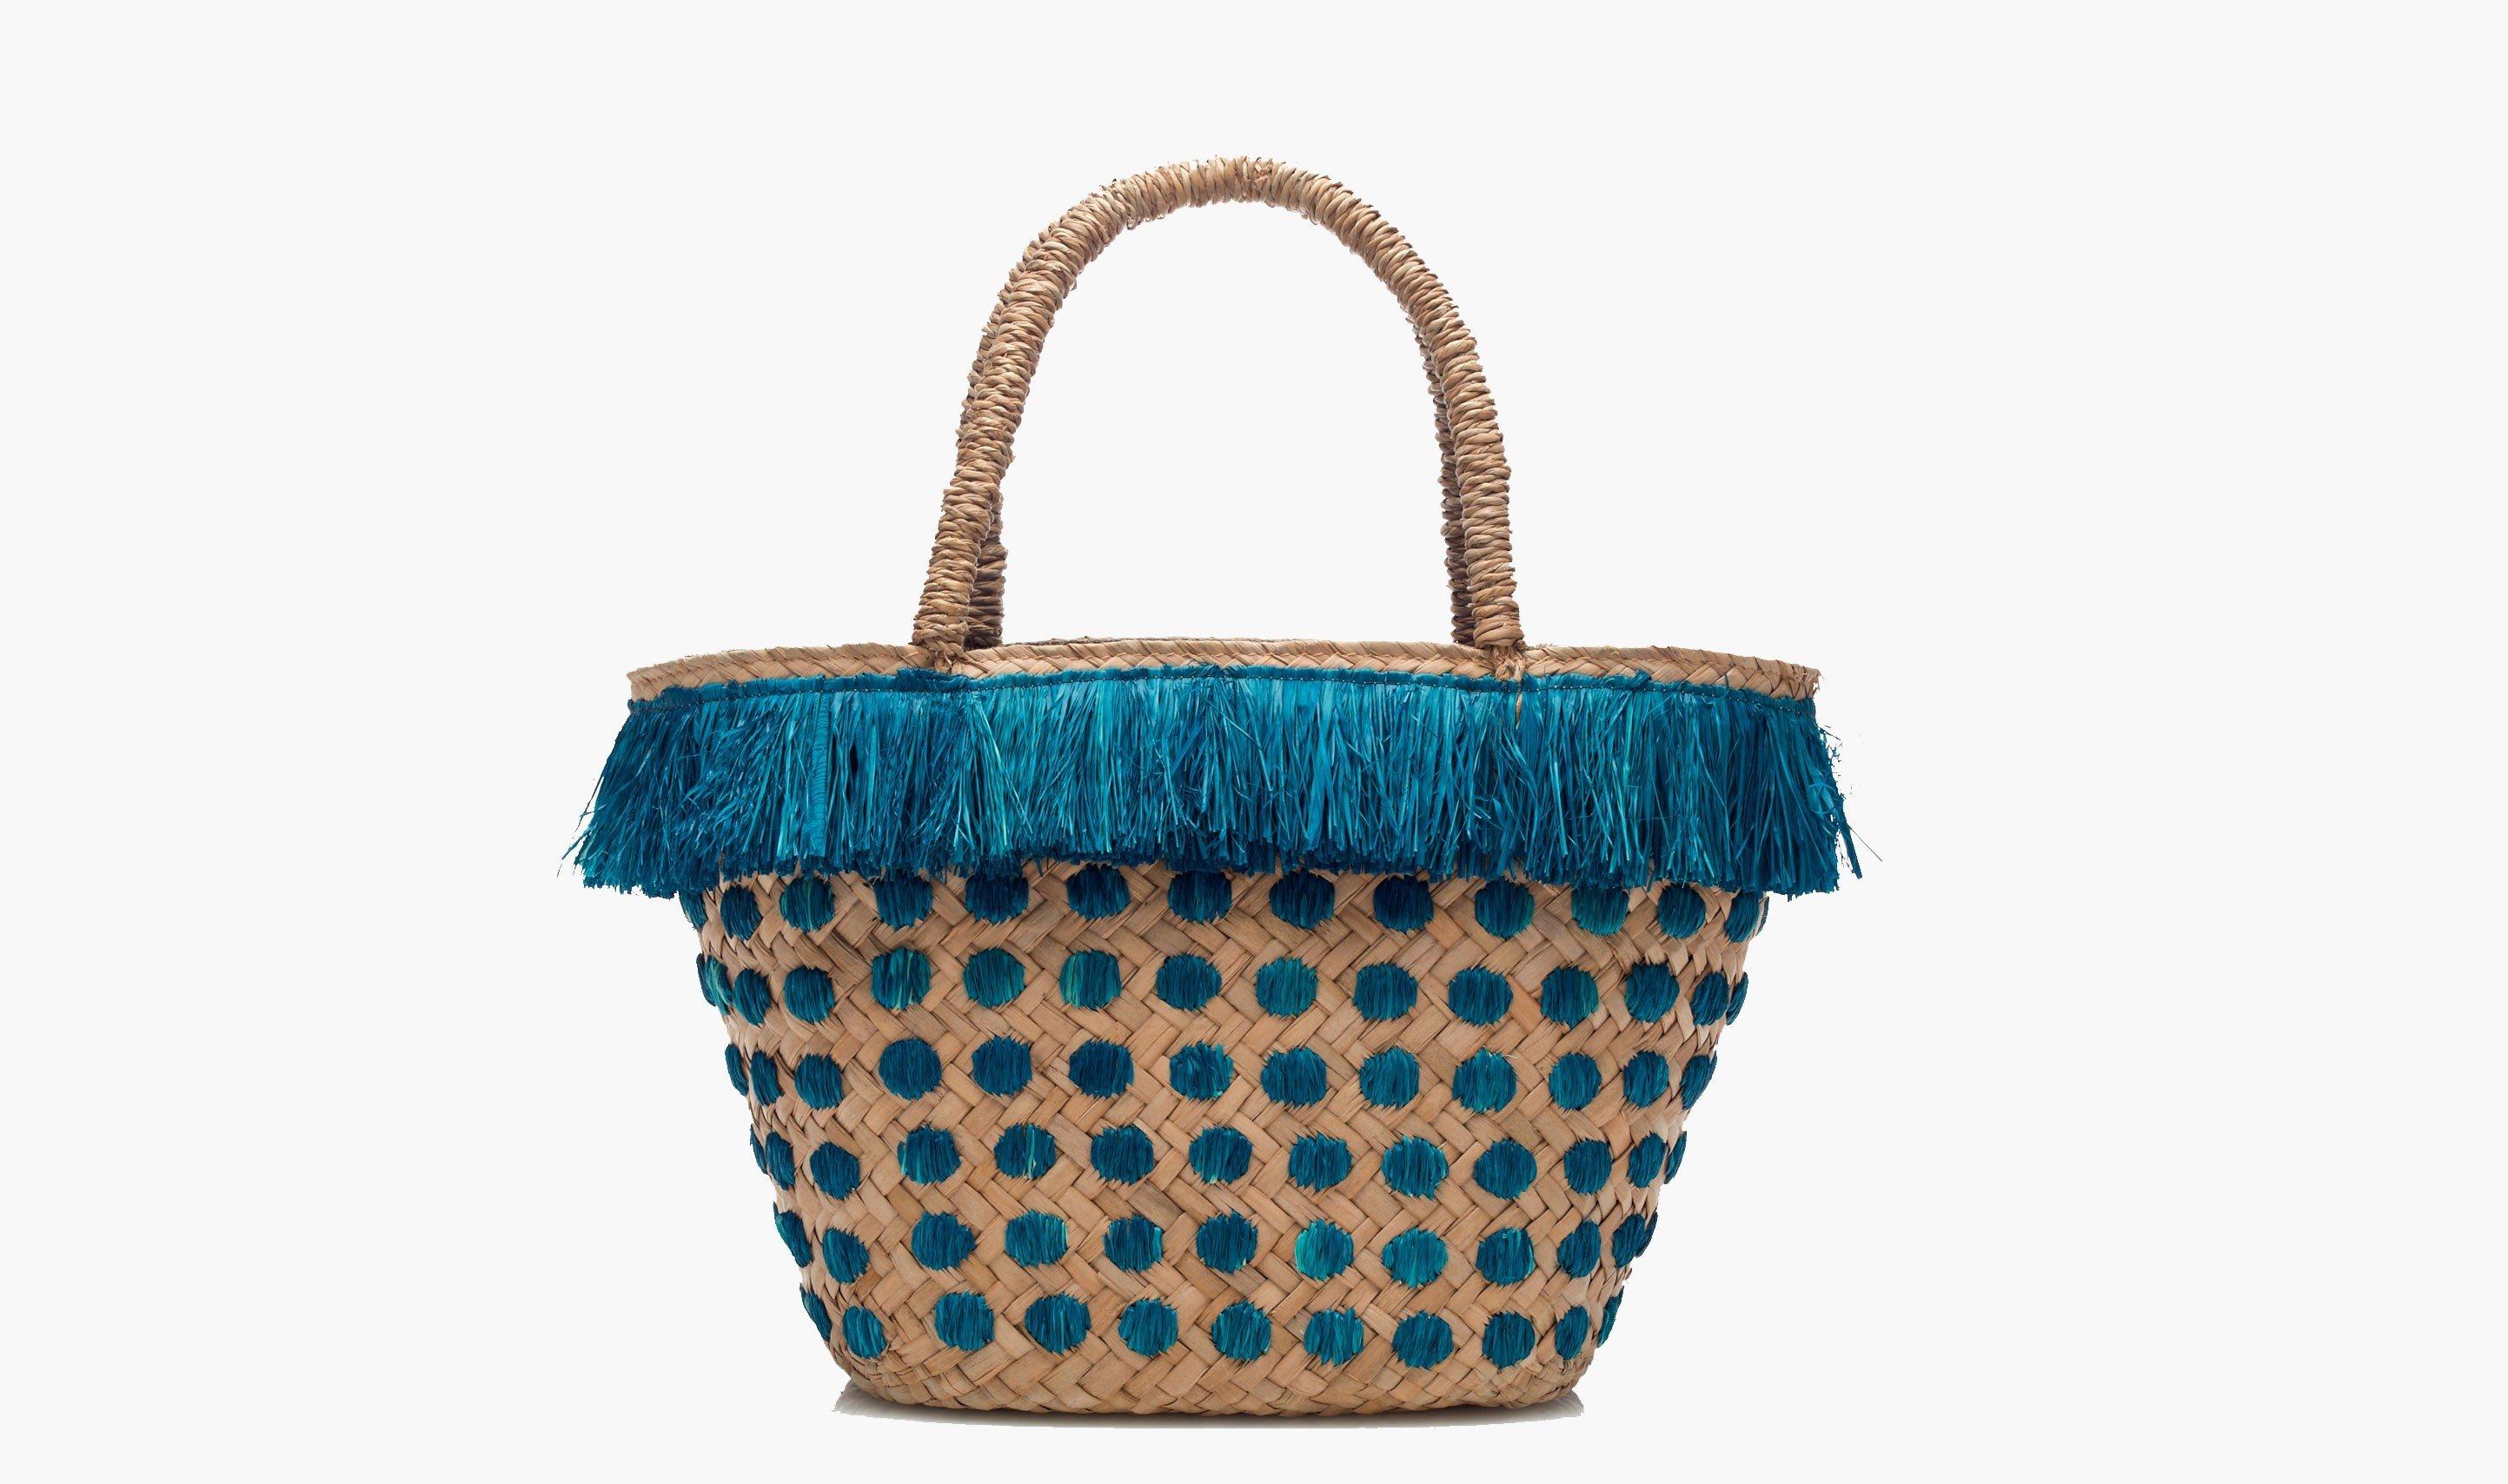 Style + Design handbag blue bag fashion accessory pattern tote bag basket Design textile shoulder bag